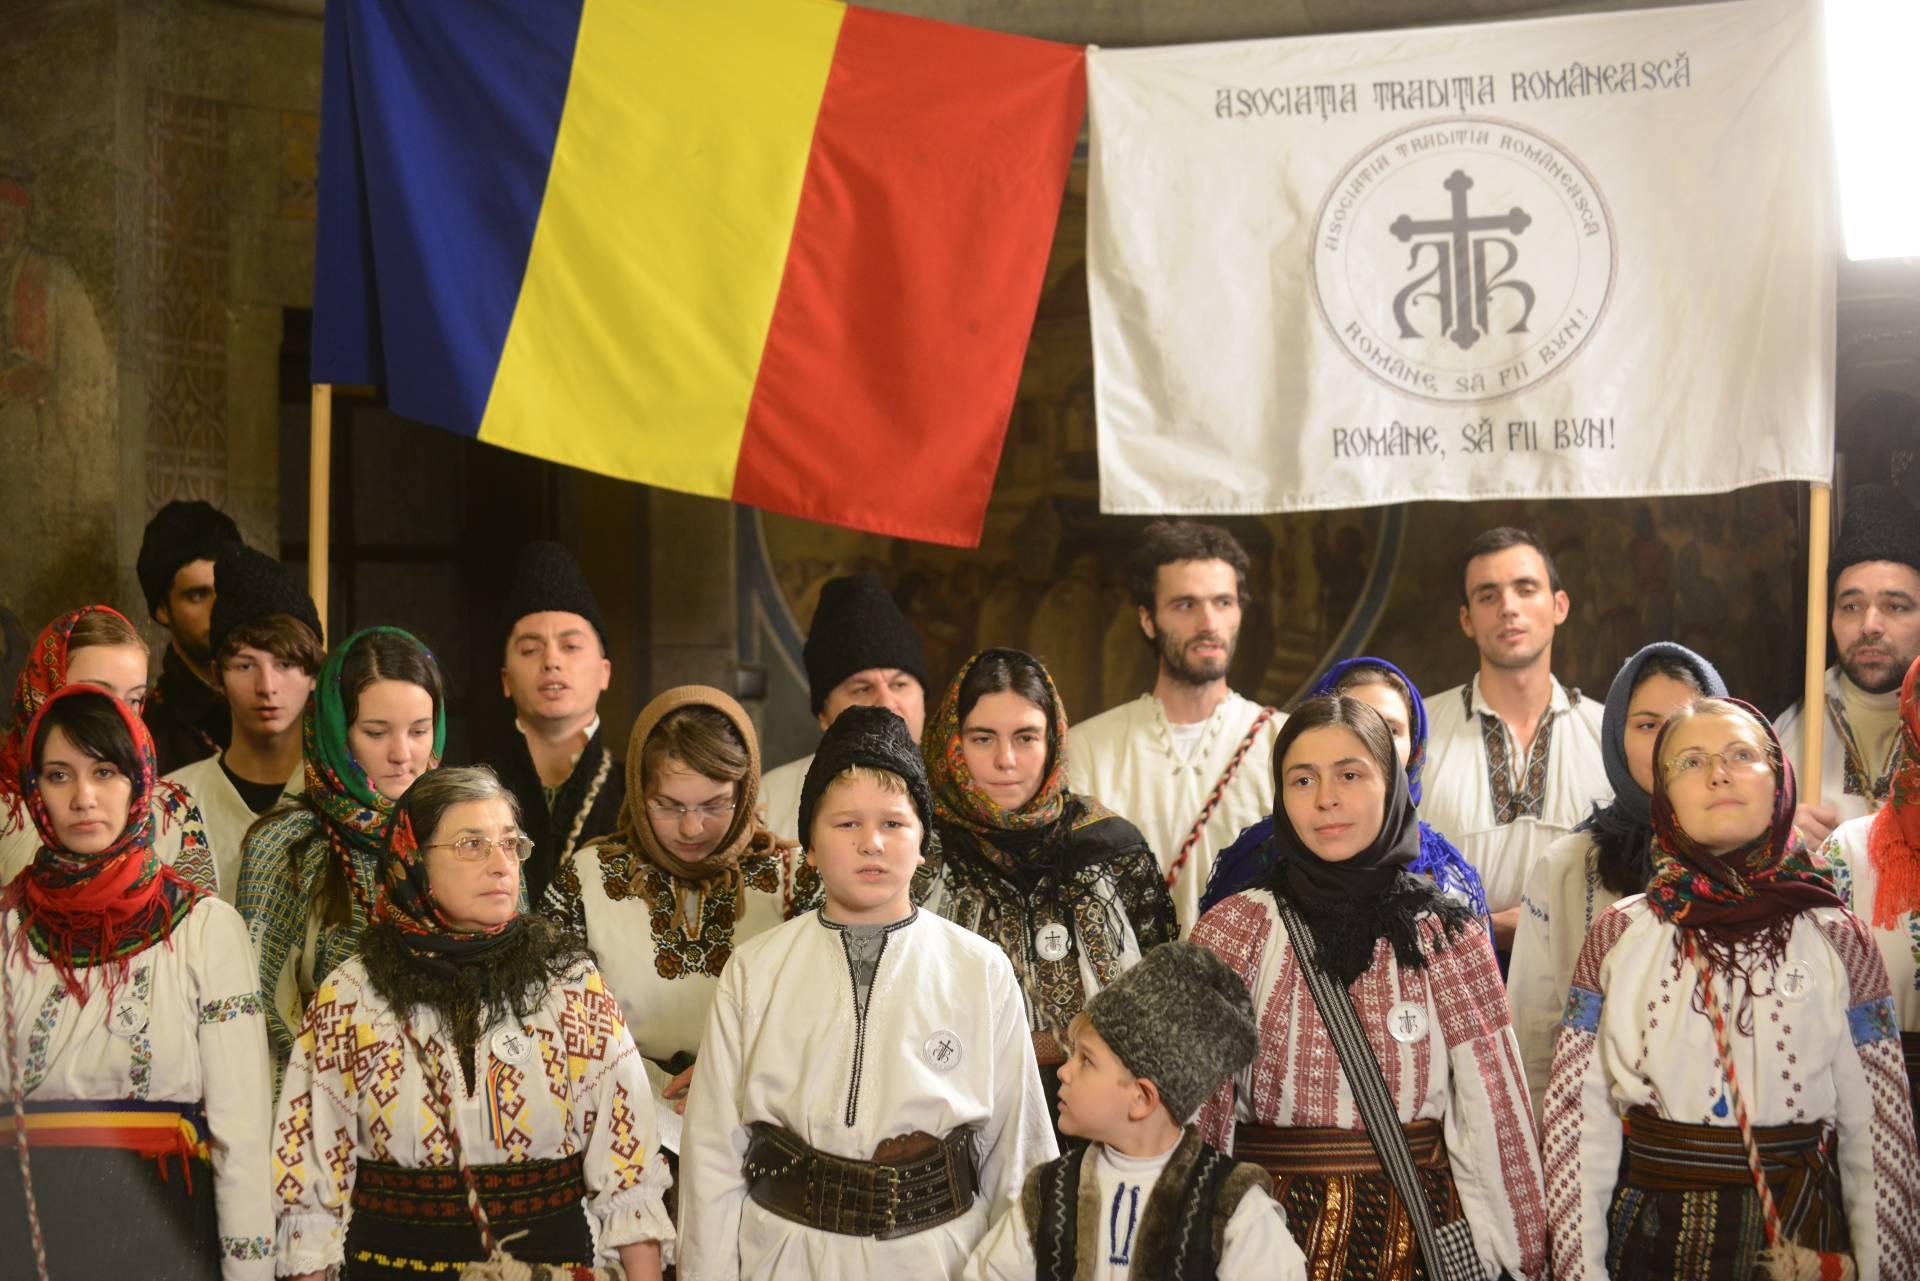 COLINDE cu grupul DATINA ROMÂNEASCĂ al Asociatiei TRADITIA ROMÂNEASCĂ